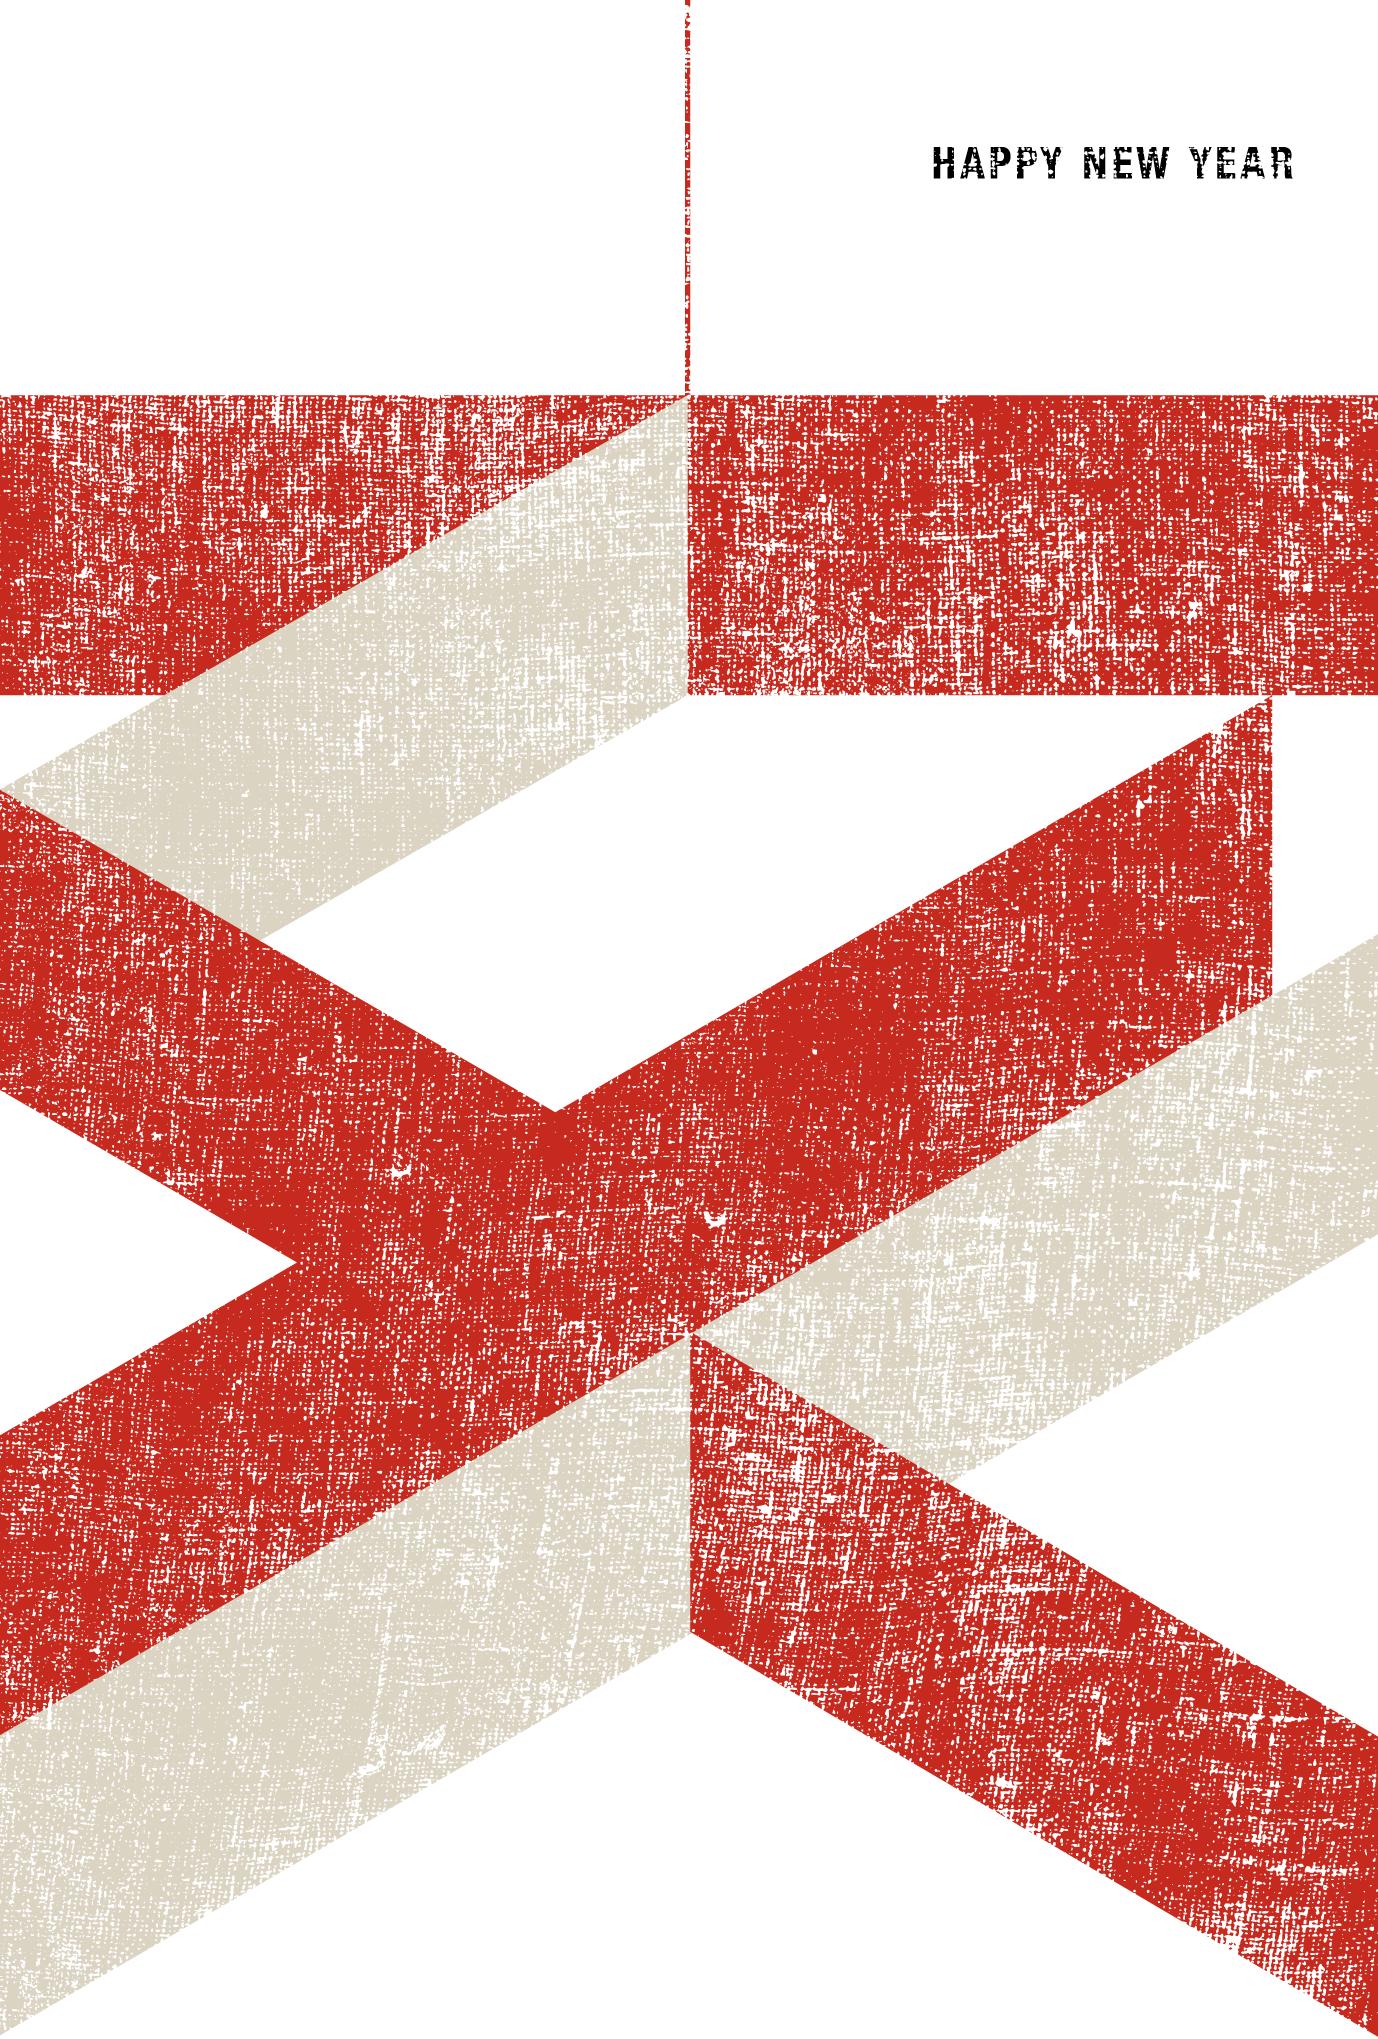 2019年賀状15-1:亥の図案 / 二色のダウンロード画像